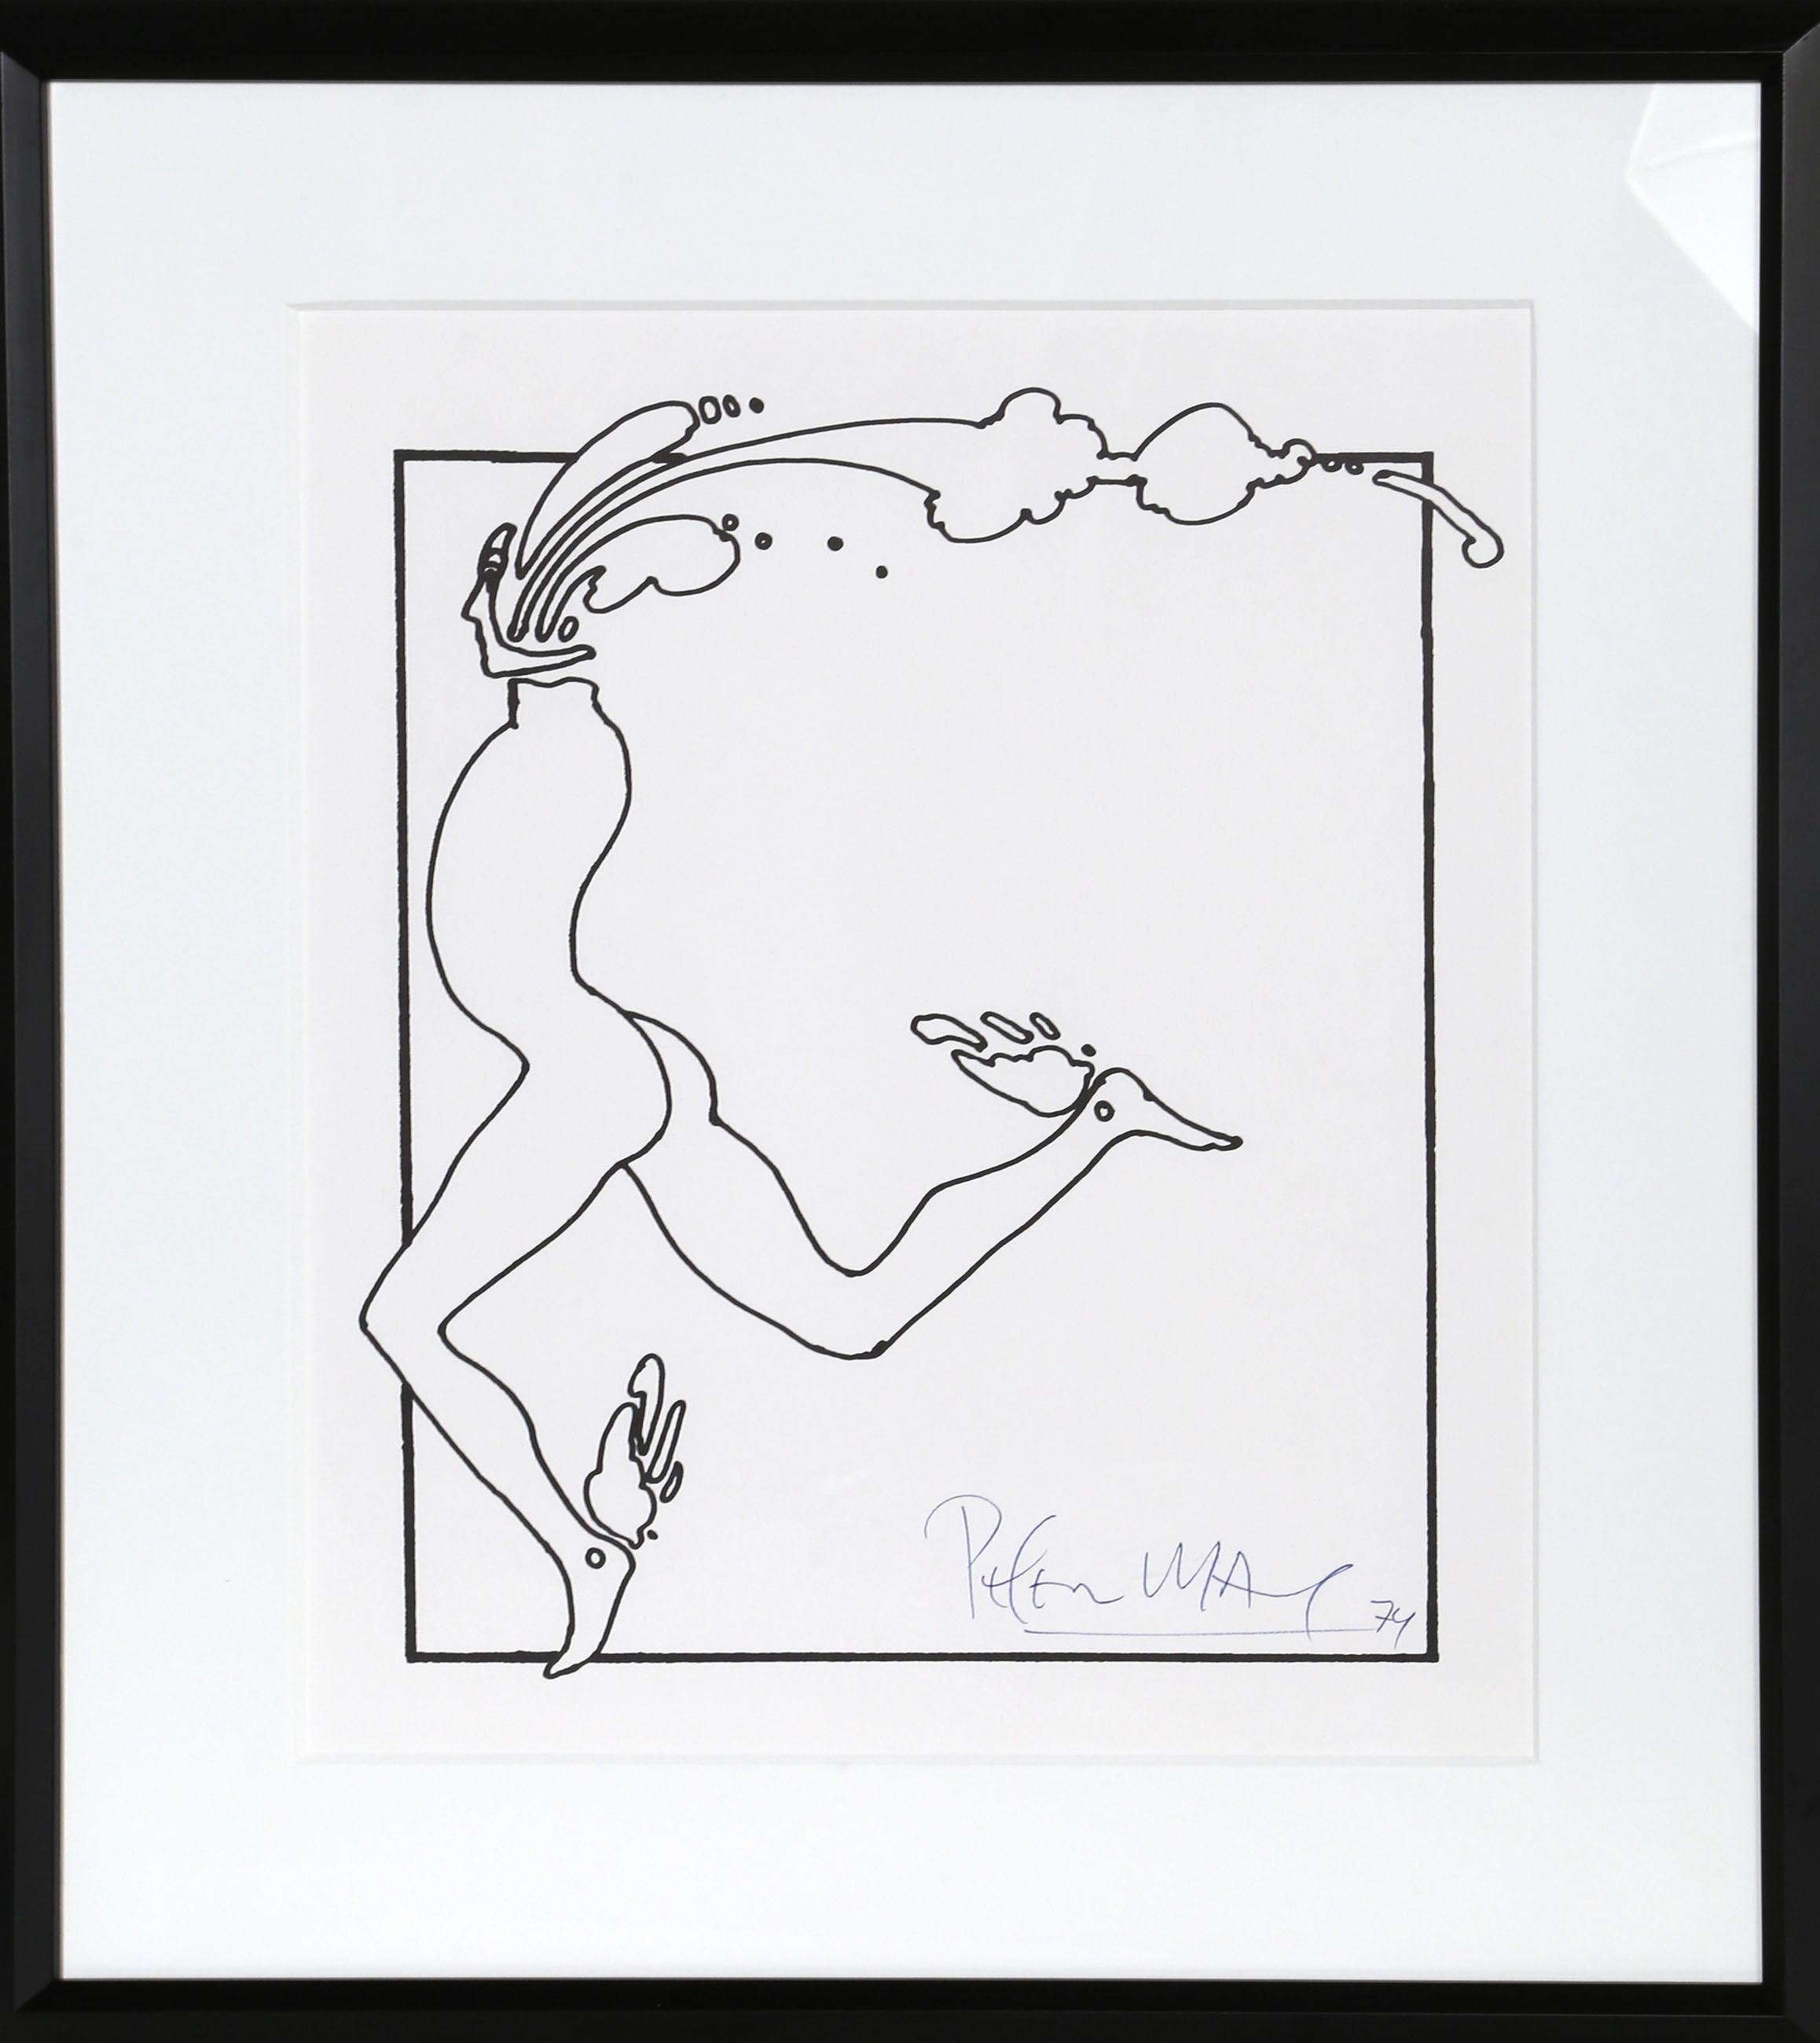 Peter Max, Runner, Serigraph